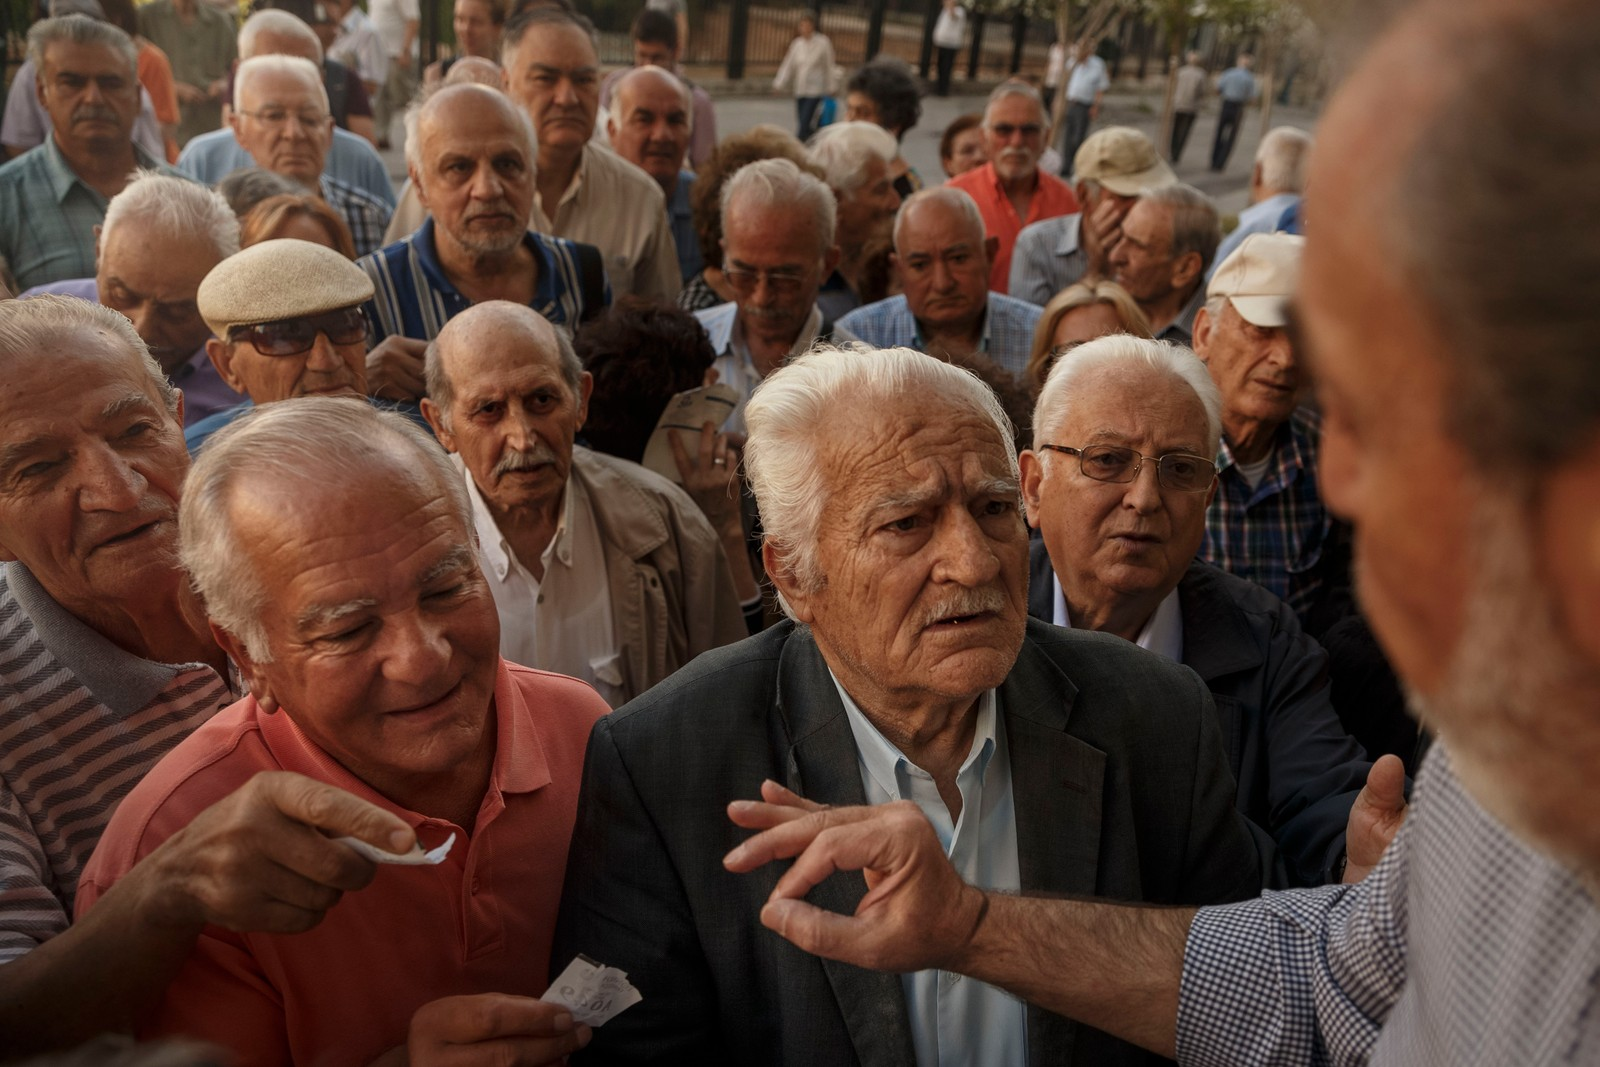 En bankansatt instruerer pensjonistene som venter utenfor til å danne en kø i henhold til nummeret på kølappene de har fått utdelt.